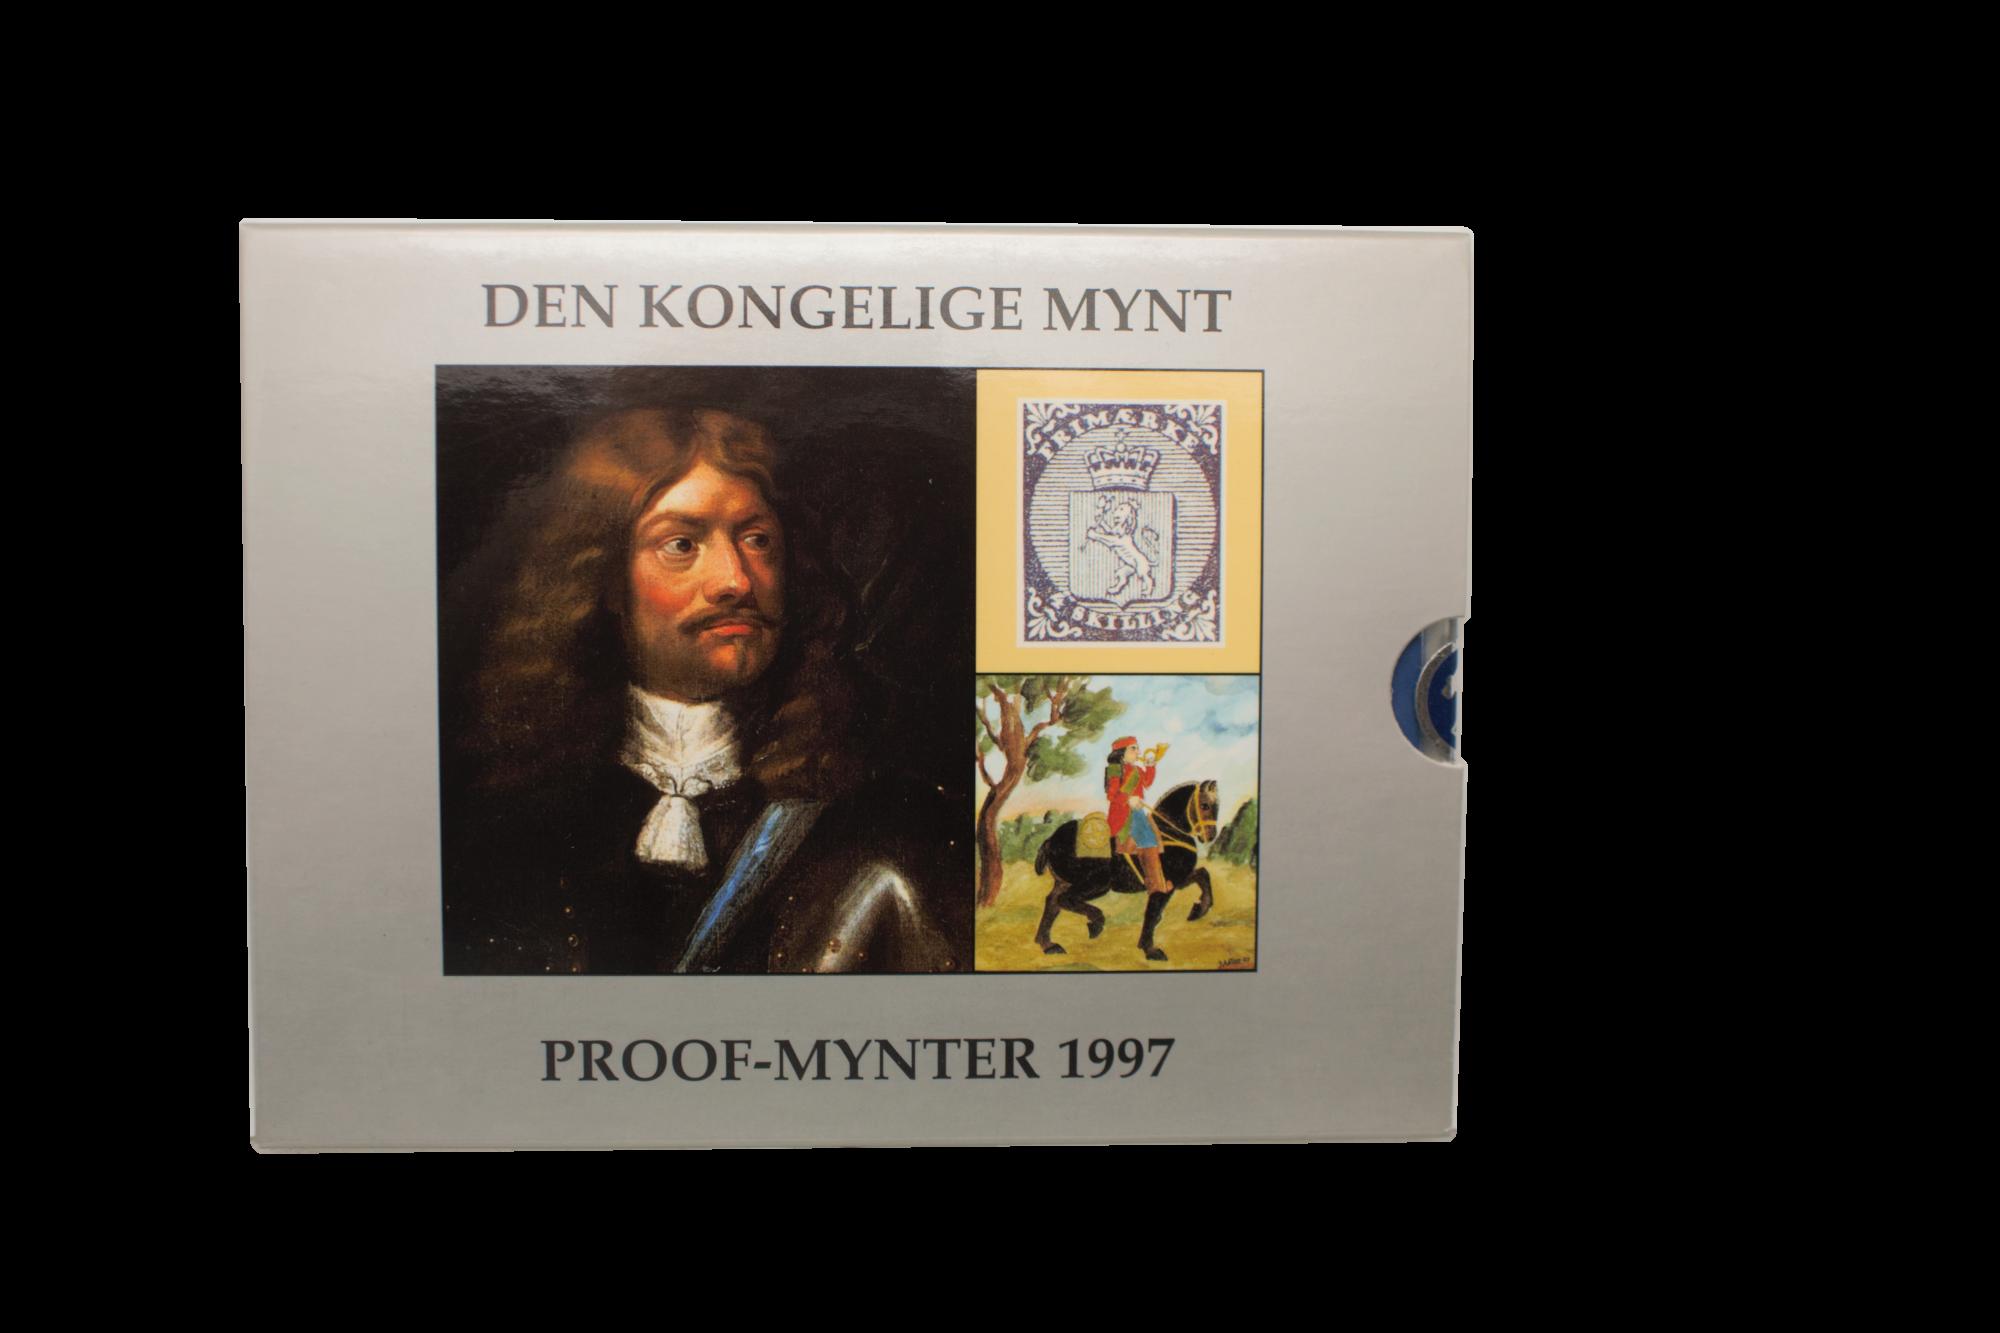 Proofsett 1997 forside innpakning